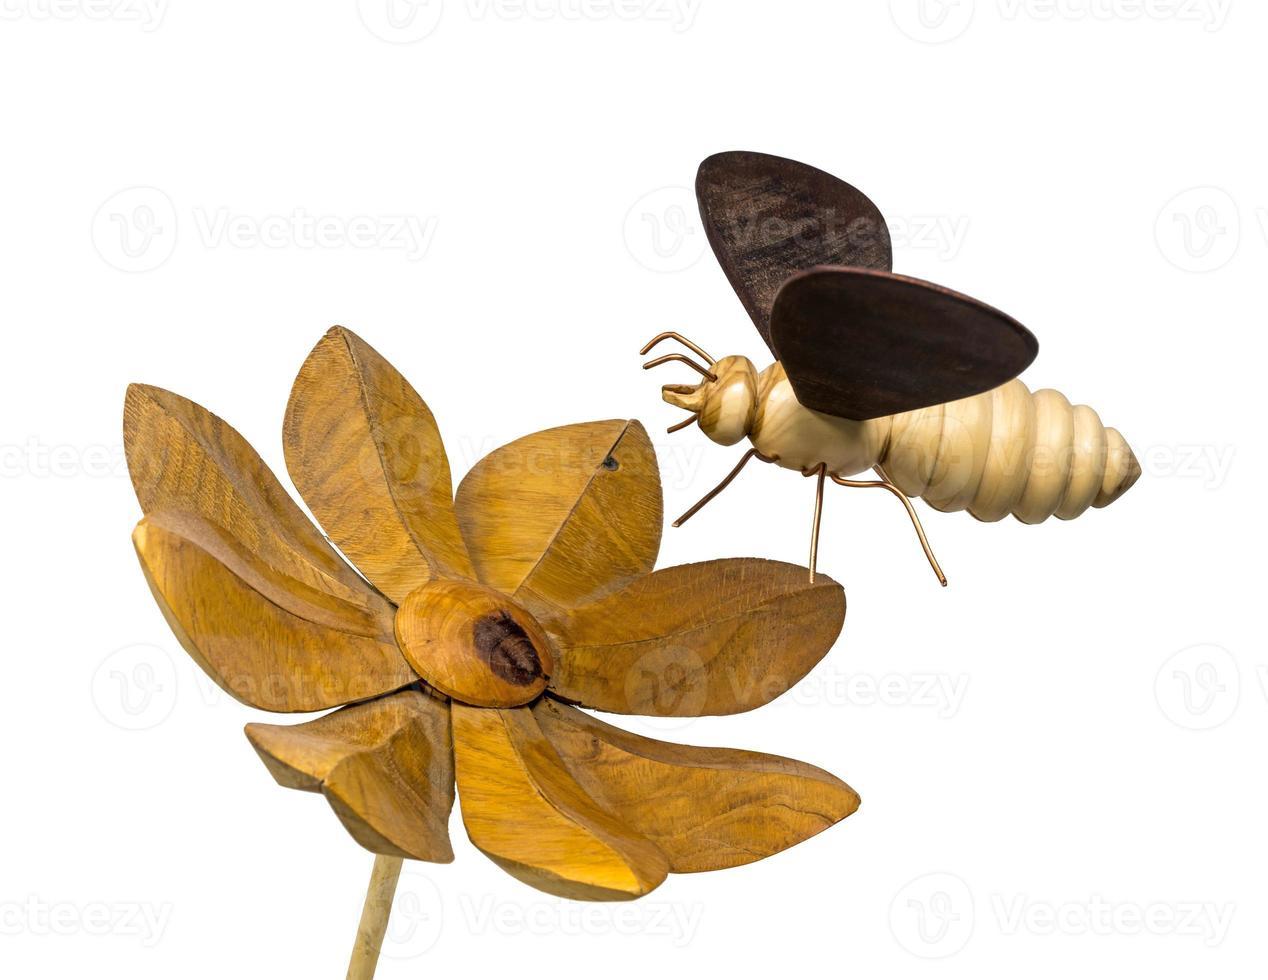 modelo de uma abelha de madeira voa em direção a uma flor de madeira foto